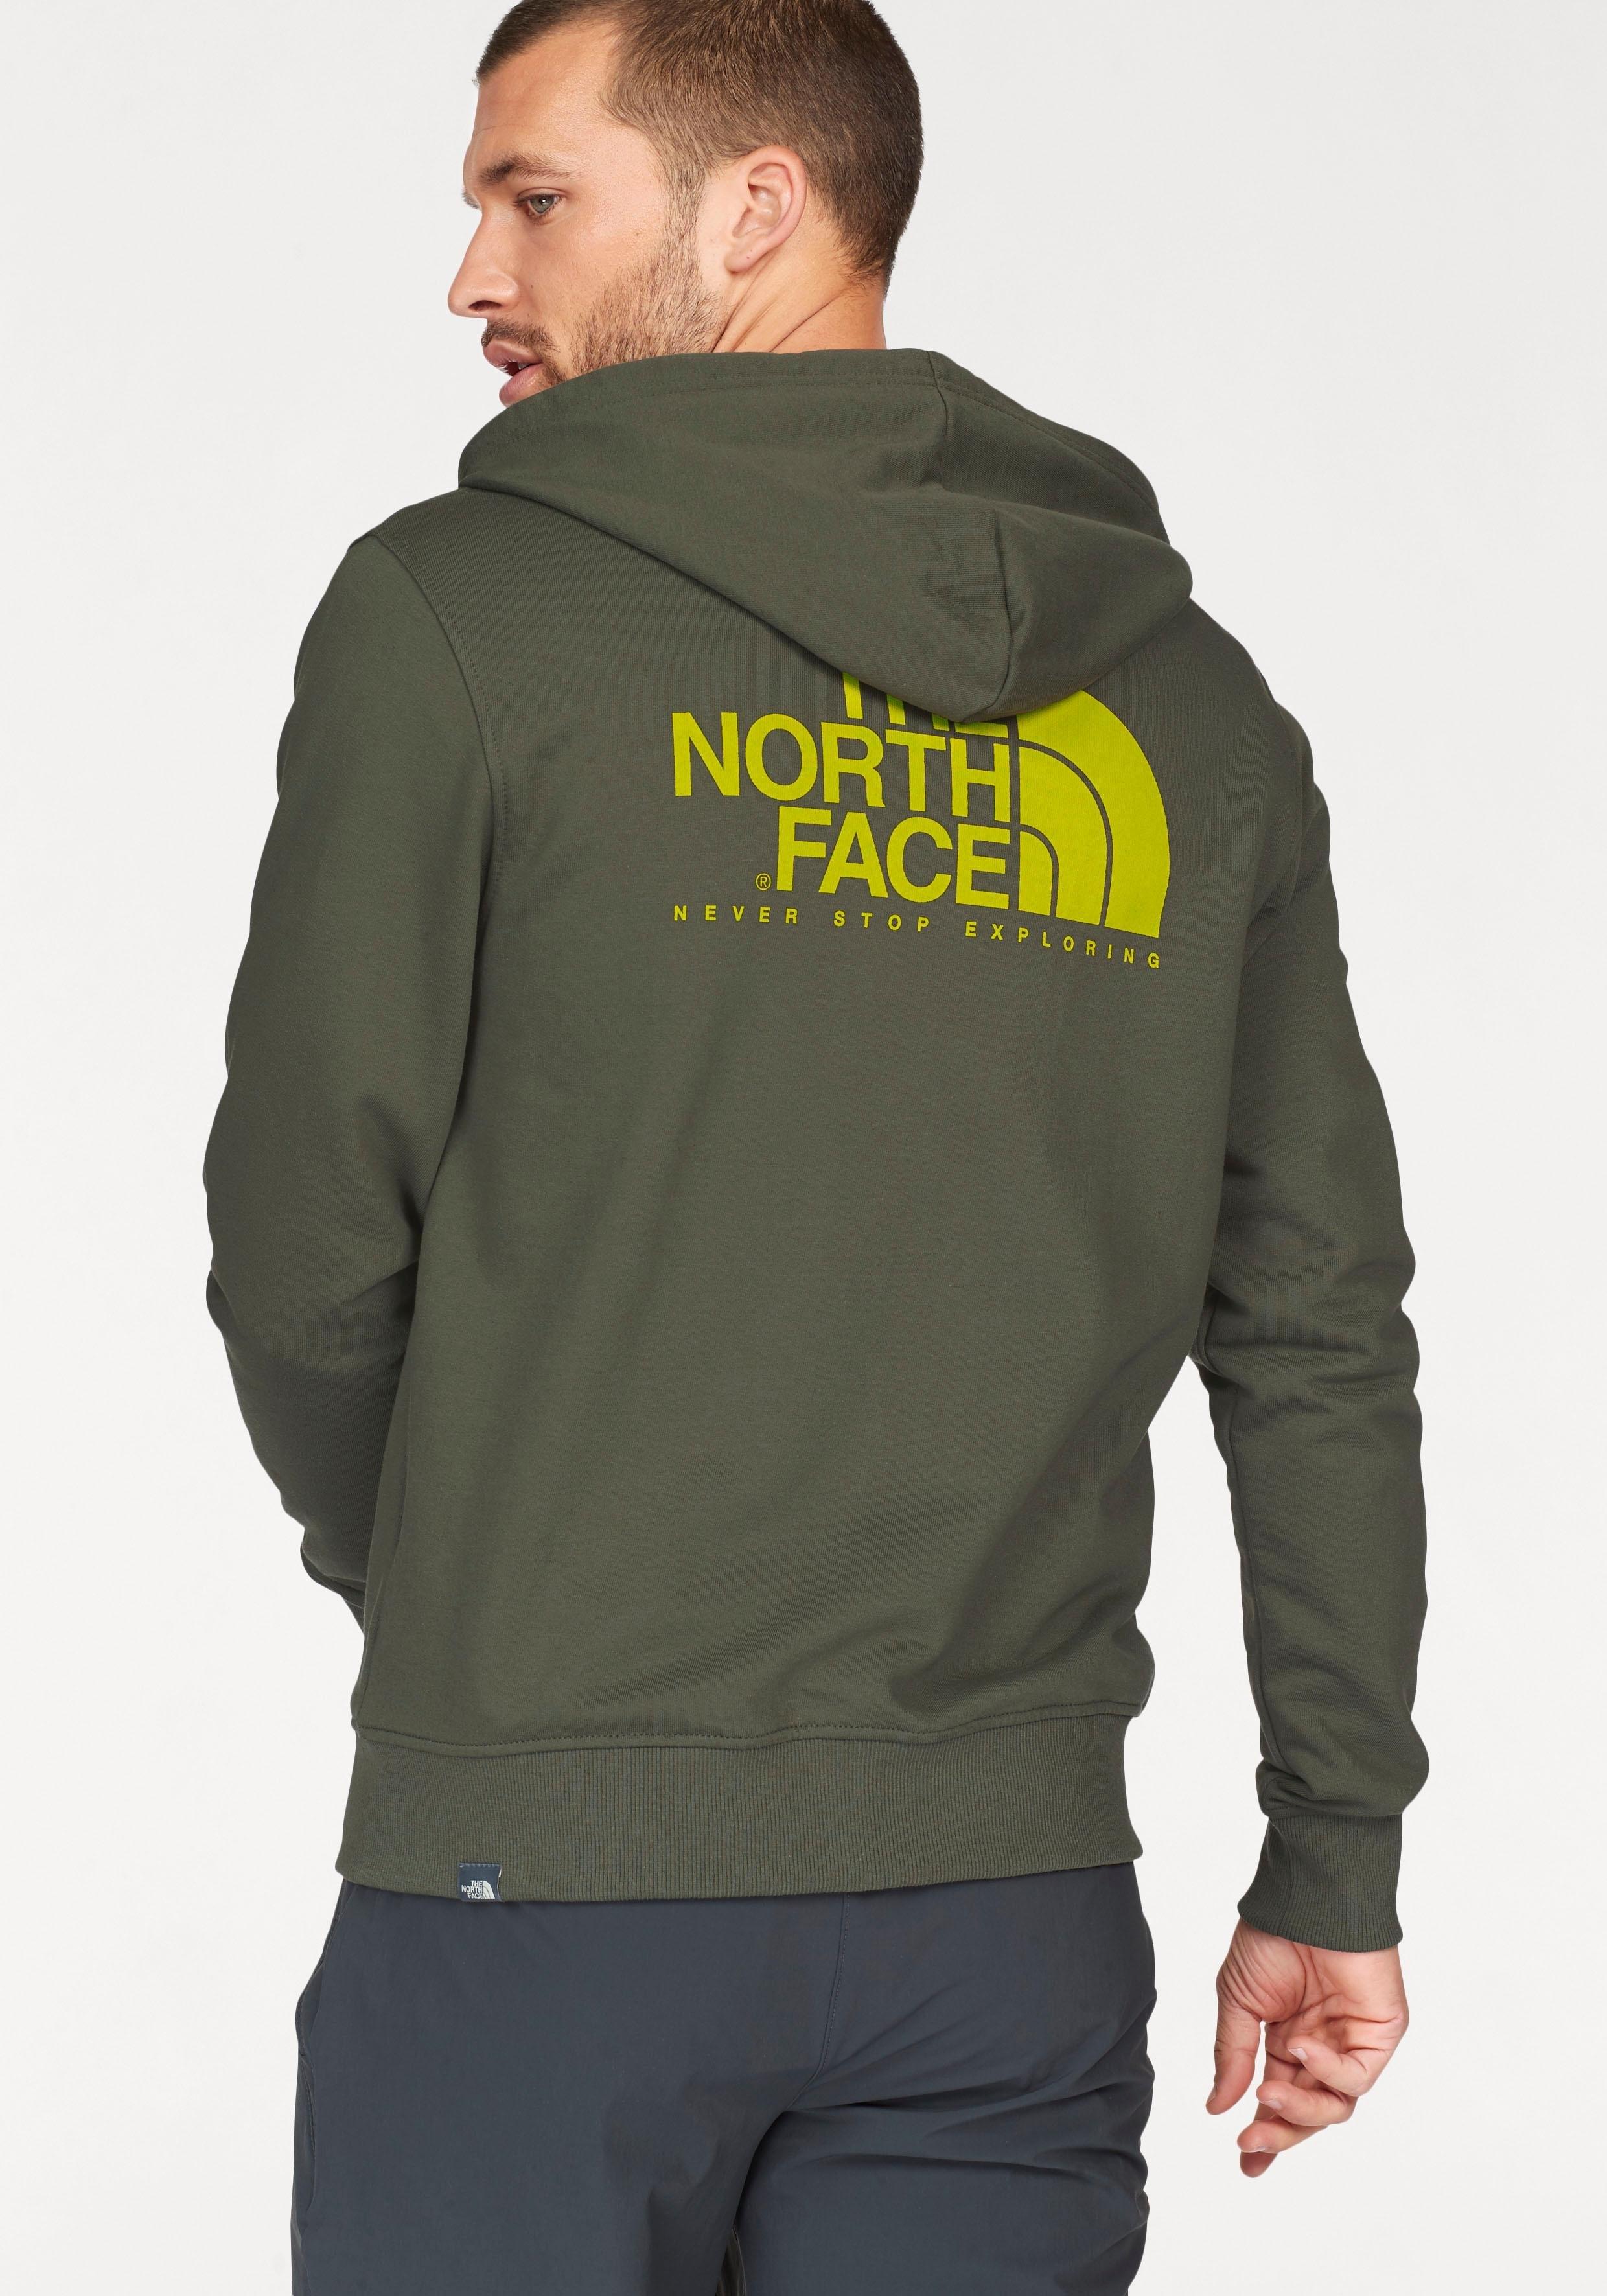 North Face Ii Hoody Bij Bestellen Capuchonsweatvestextent The Logo xBCoWQdeEr